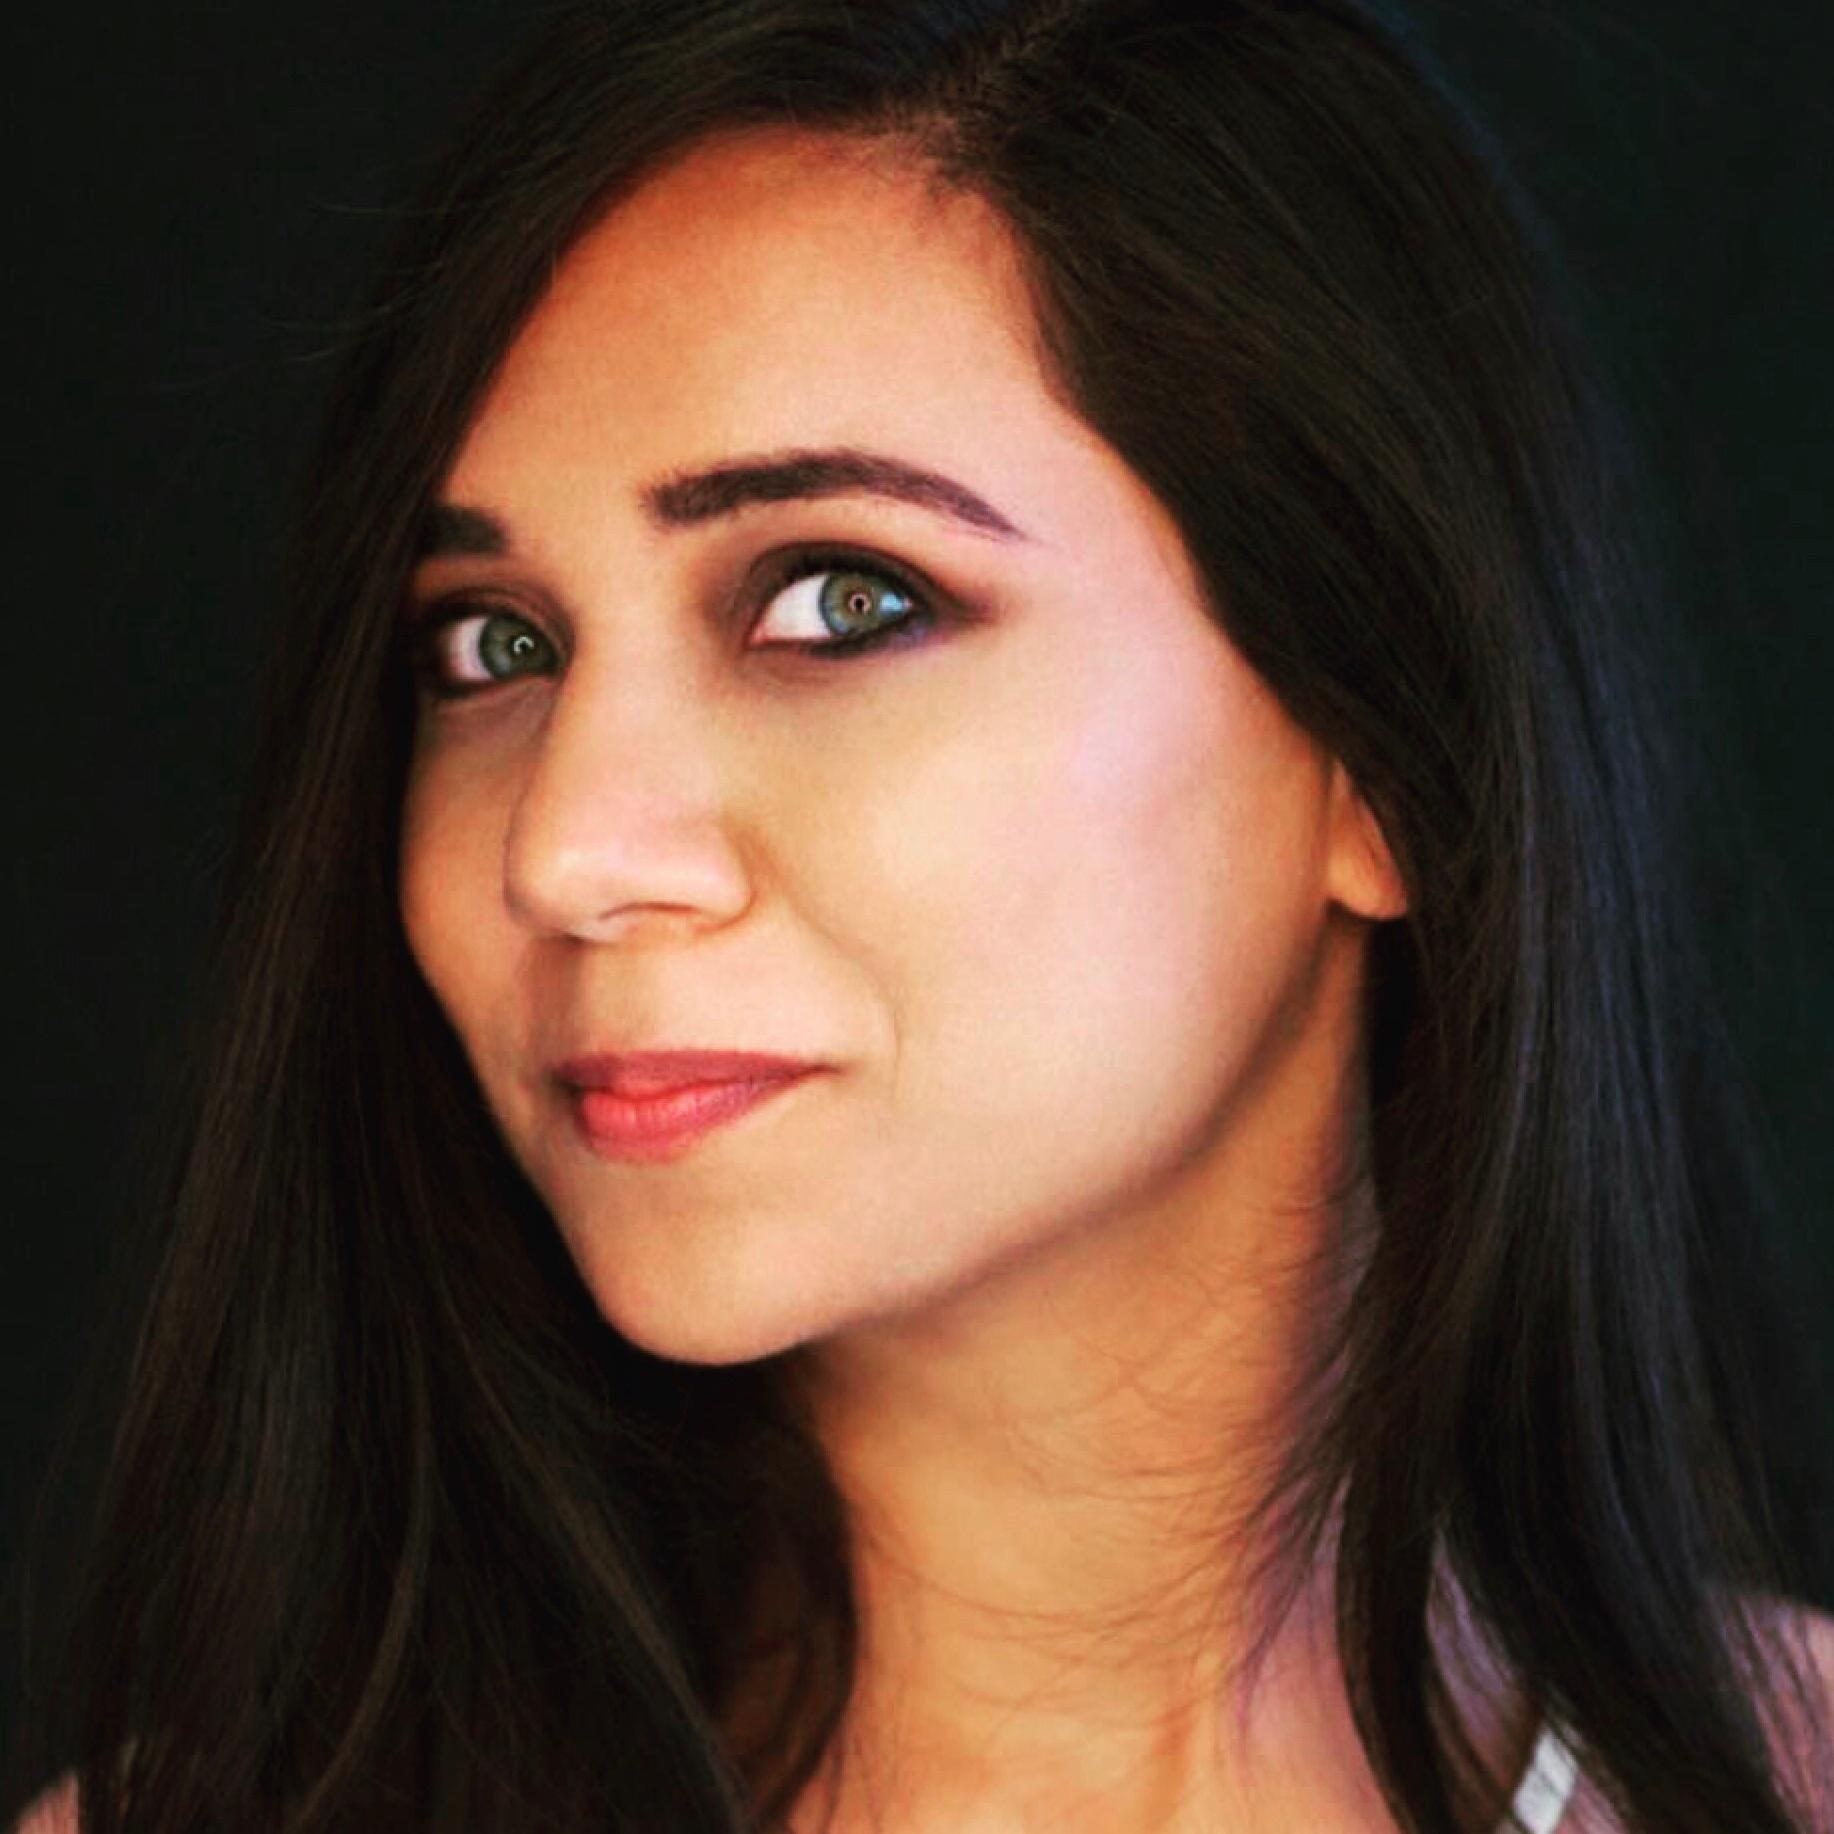 Arjita Sethi, Equally